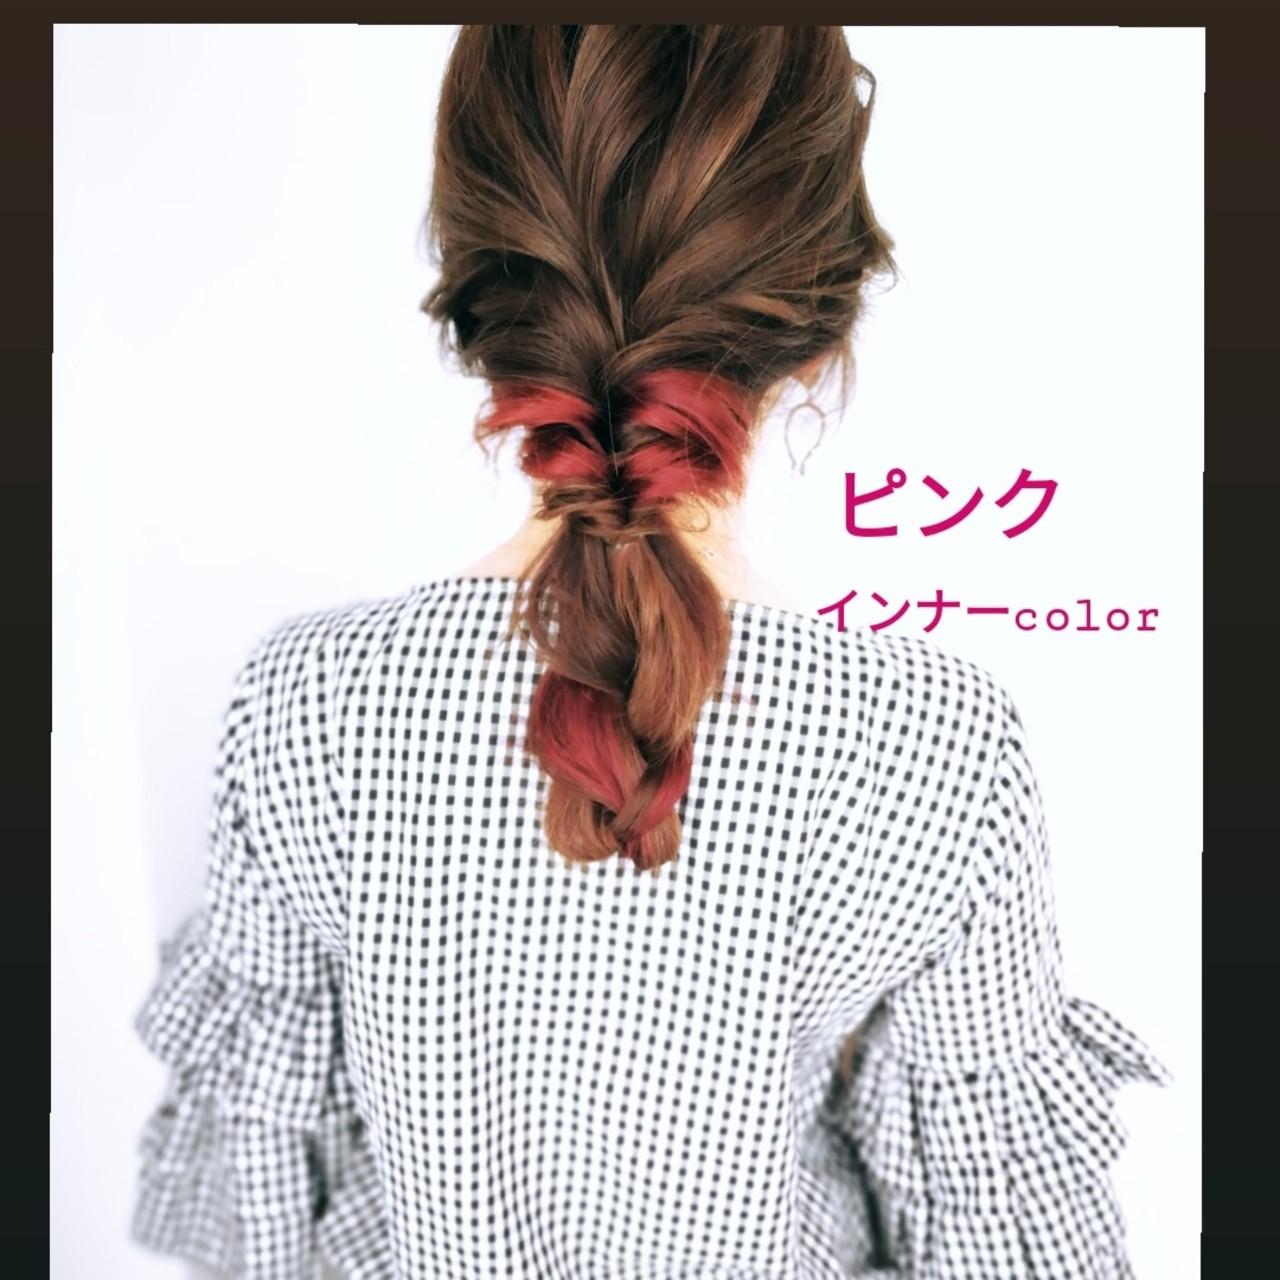 ガーリー スモーキーカラー ピンク 簡単ヘアアレンジ ヘアスタイルや髪型の写真・画像